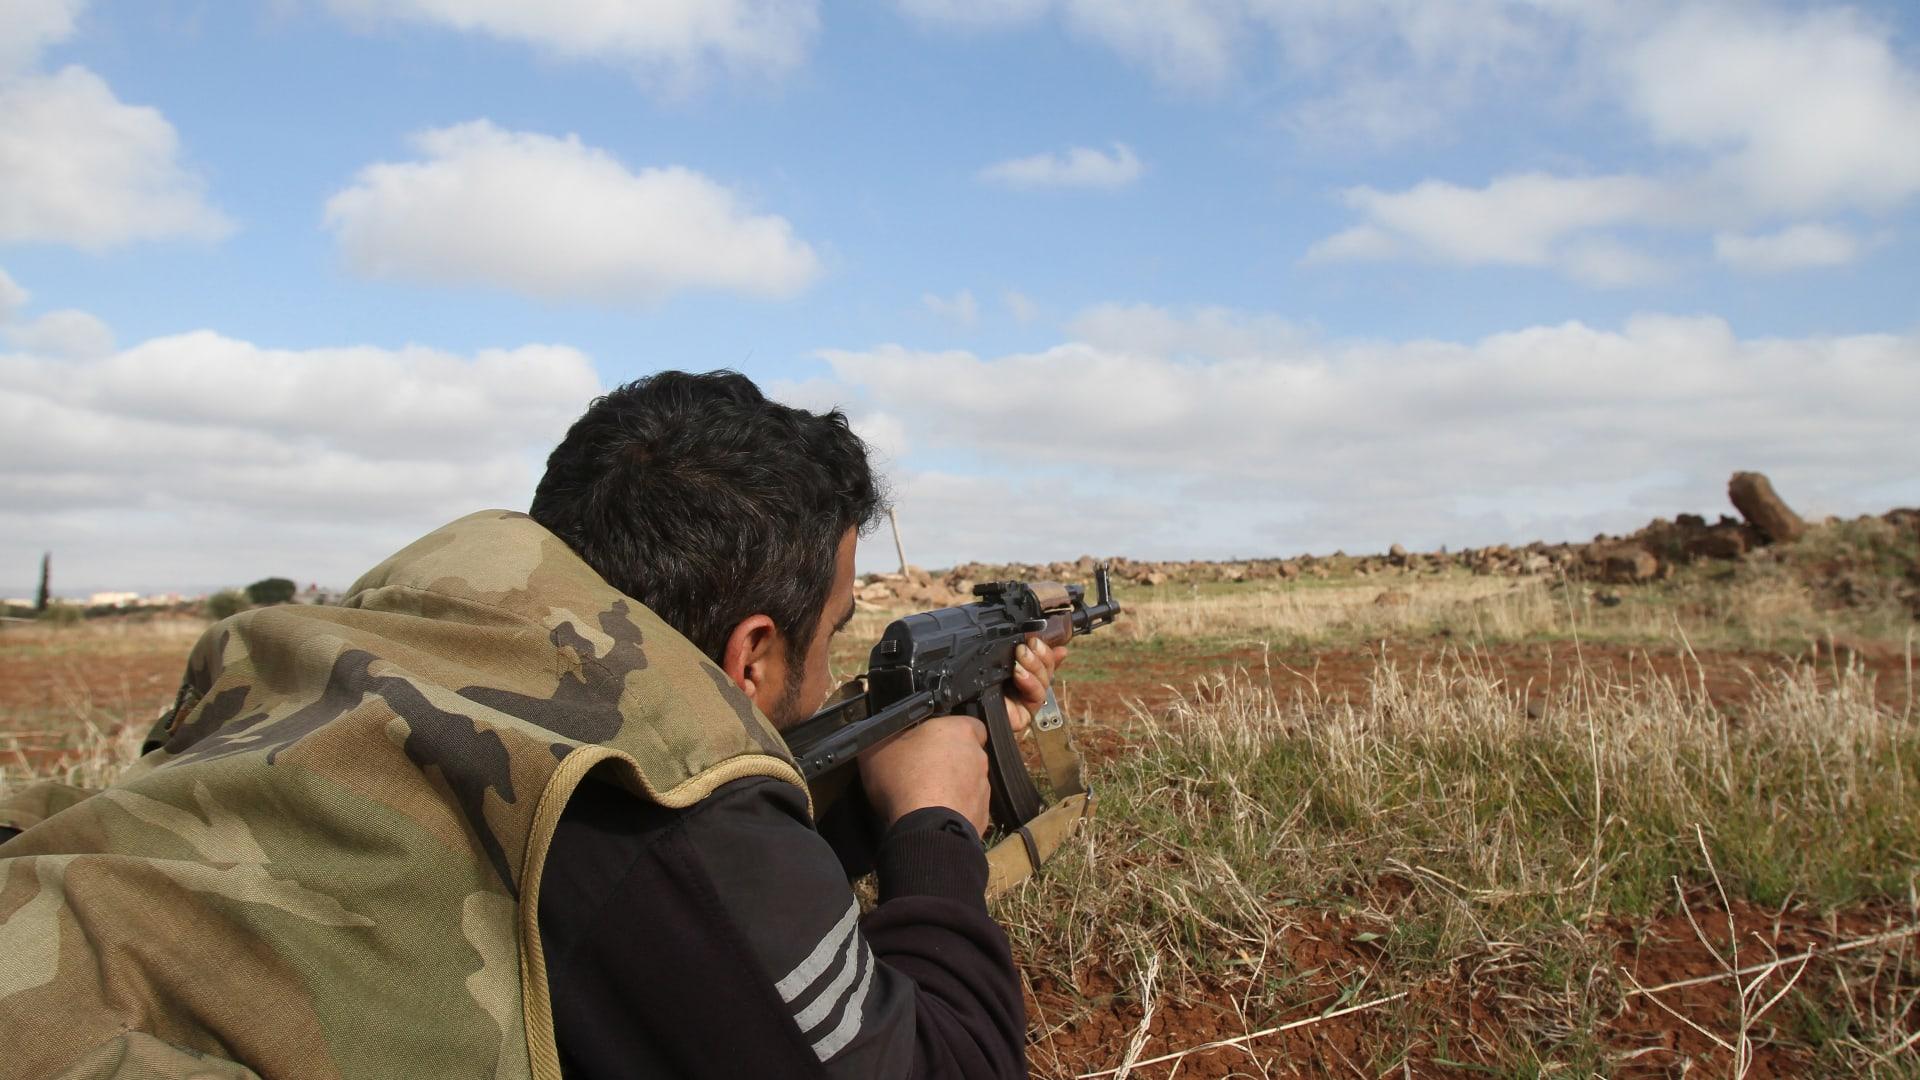 بين تهديدات بإعدامهم وتقدم النظام في حوض اليرموك.. ما هو مصير مخطوفي السويداء؟